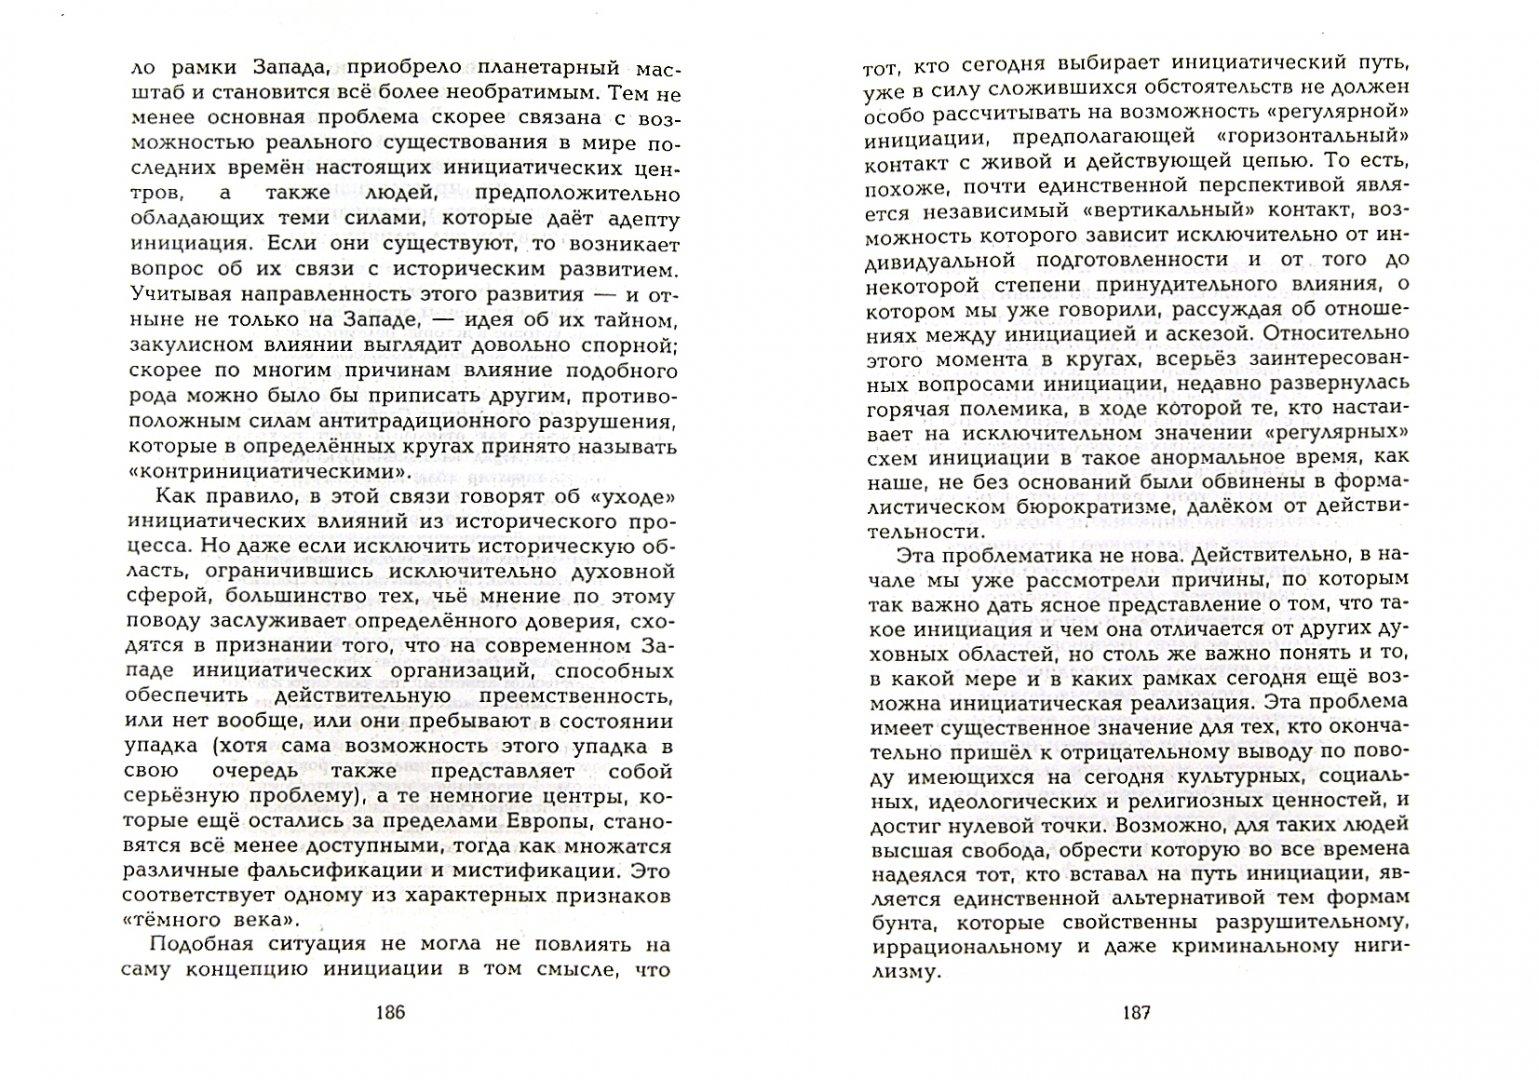 Иллюстрация 1 из 6 для Лук и булава - Юлиус Эвола | Лабиринт - книги. Источник: Лабиринт